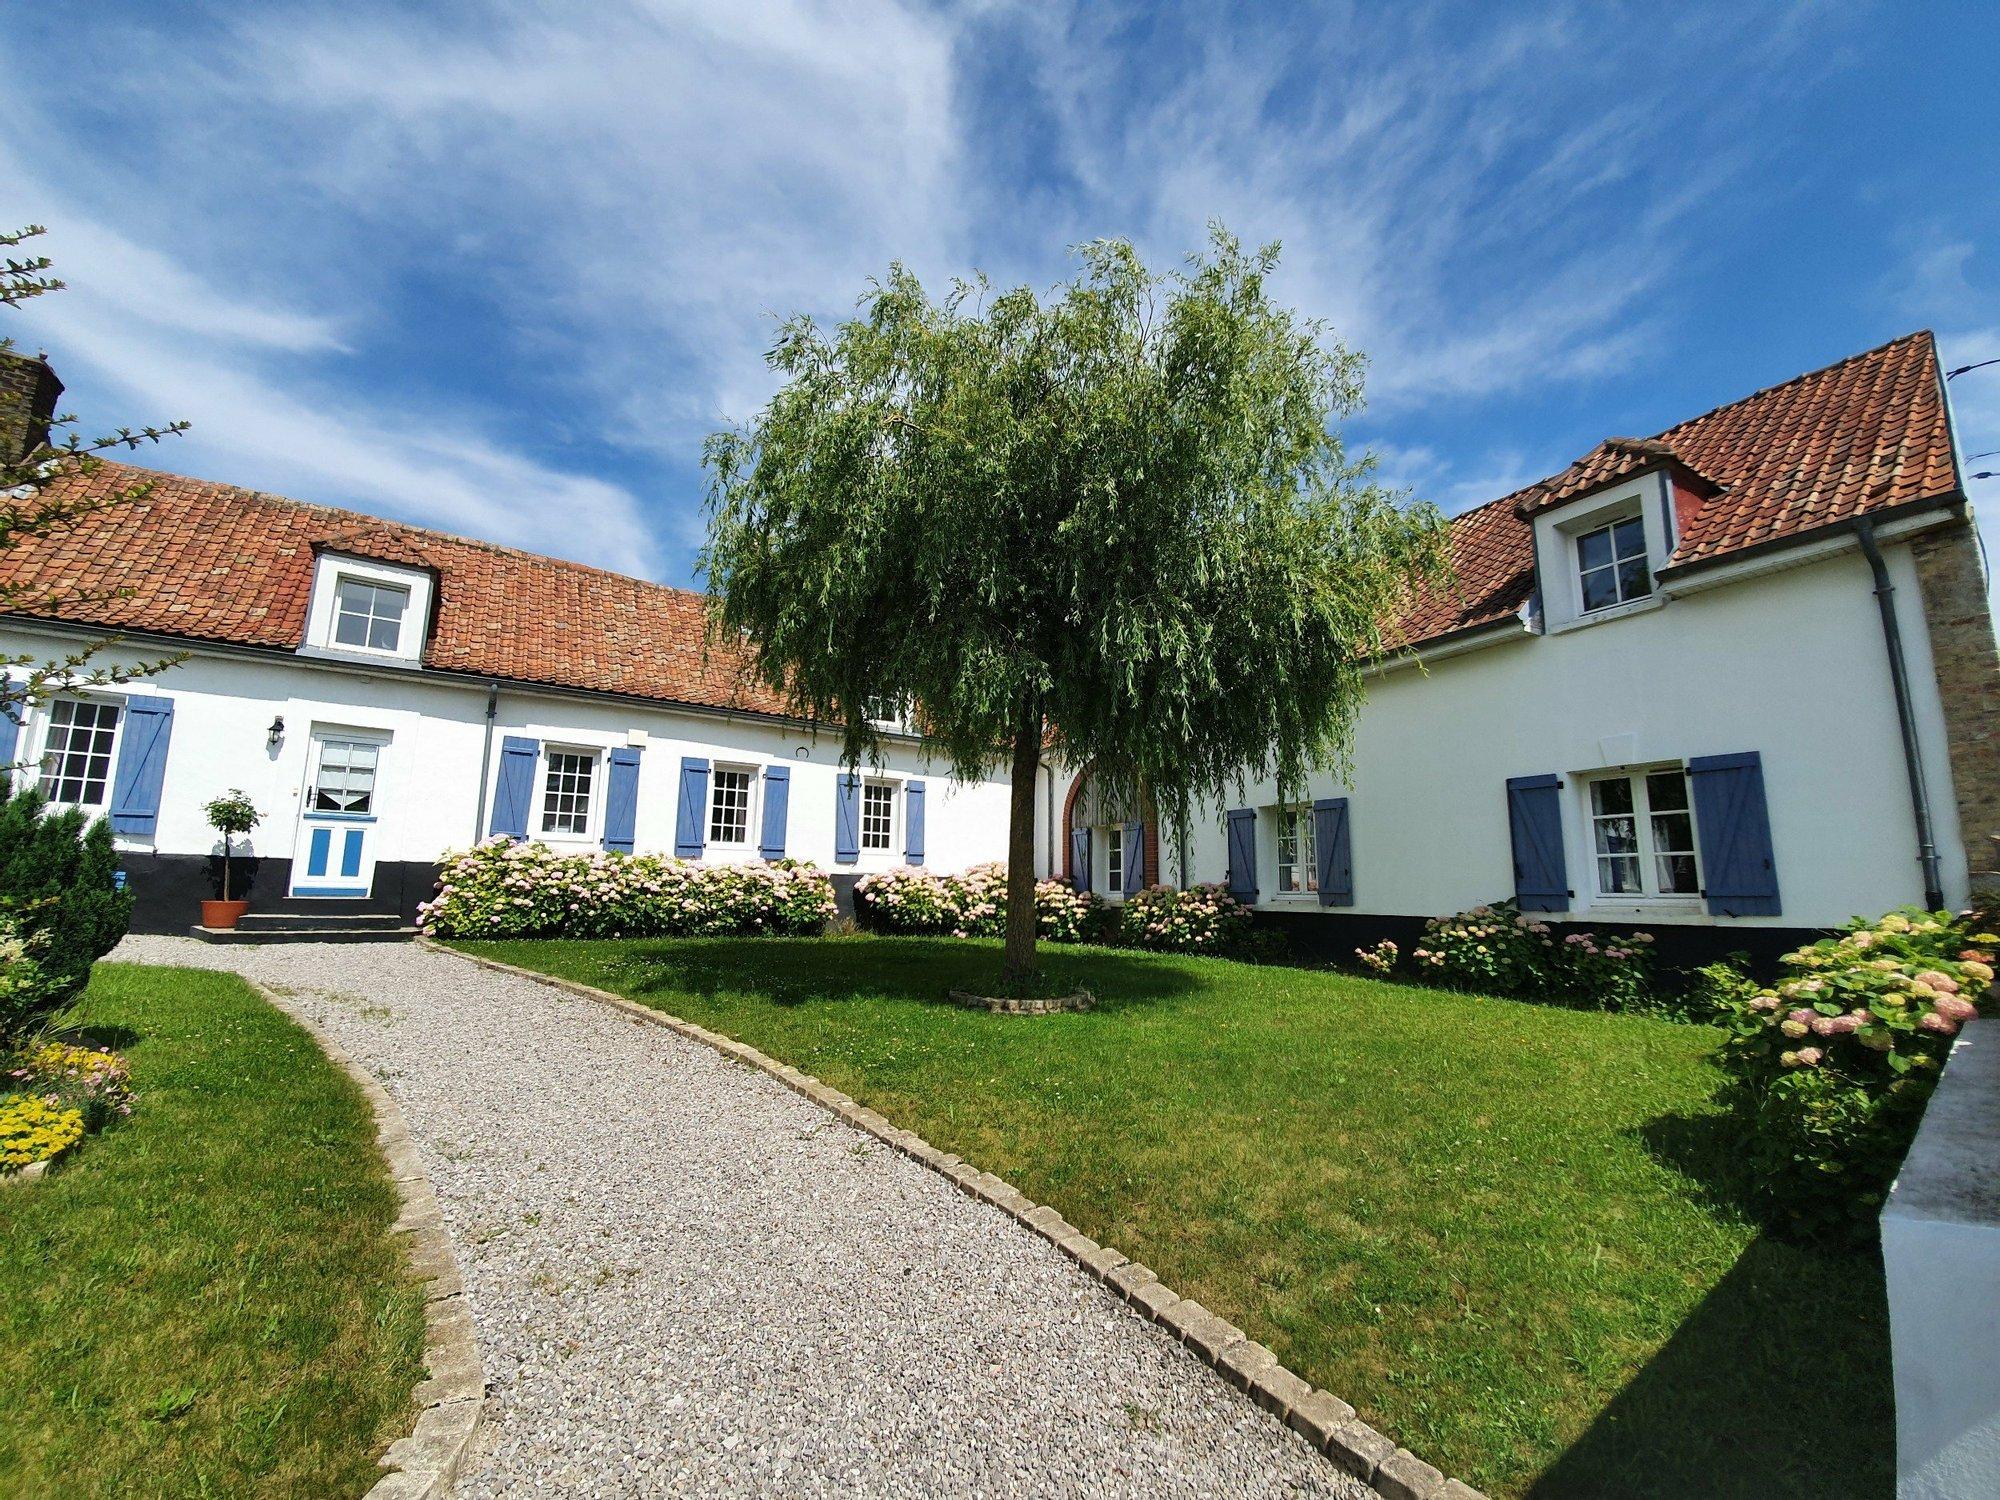 Maison à Neufchâtel-Hardelot, Nord-Pas-de-Calais, France 1 - 11526801